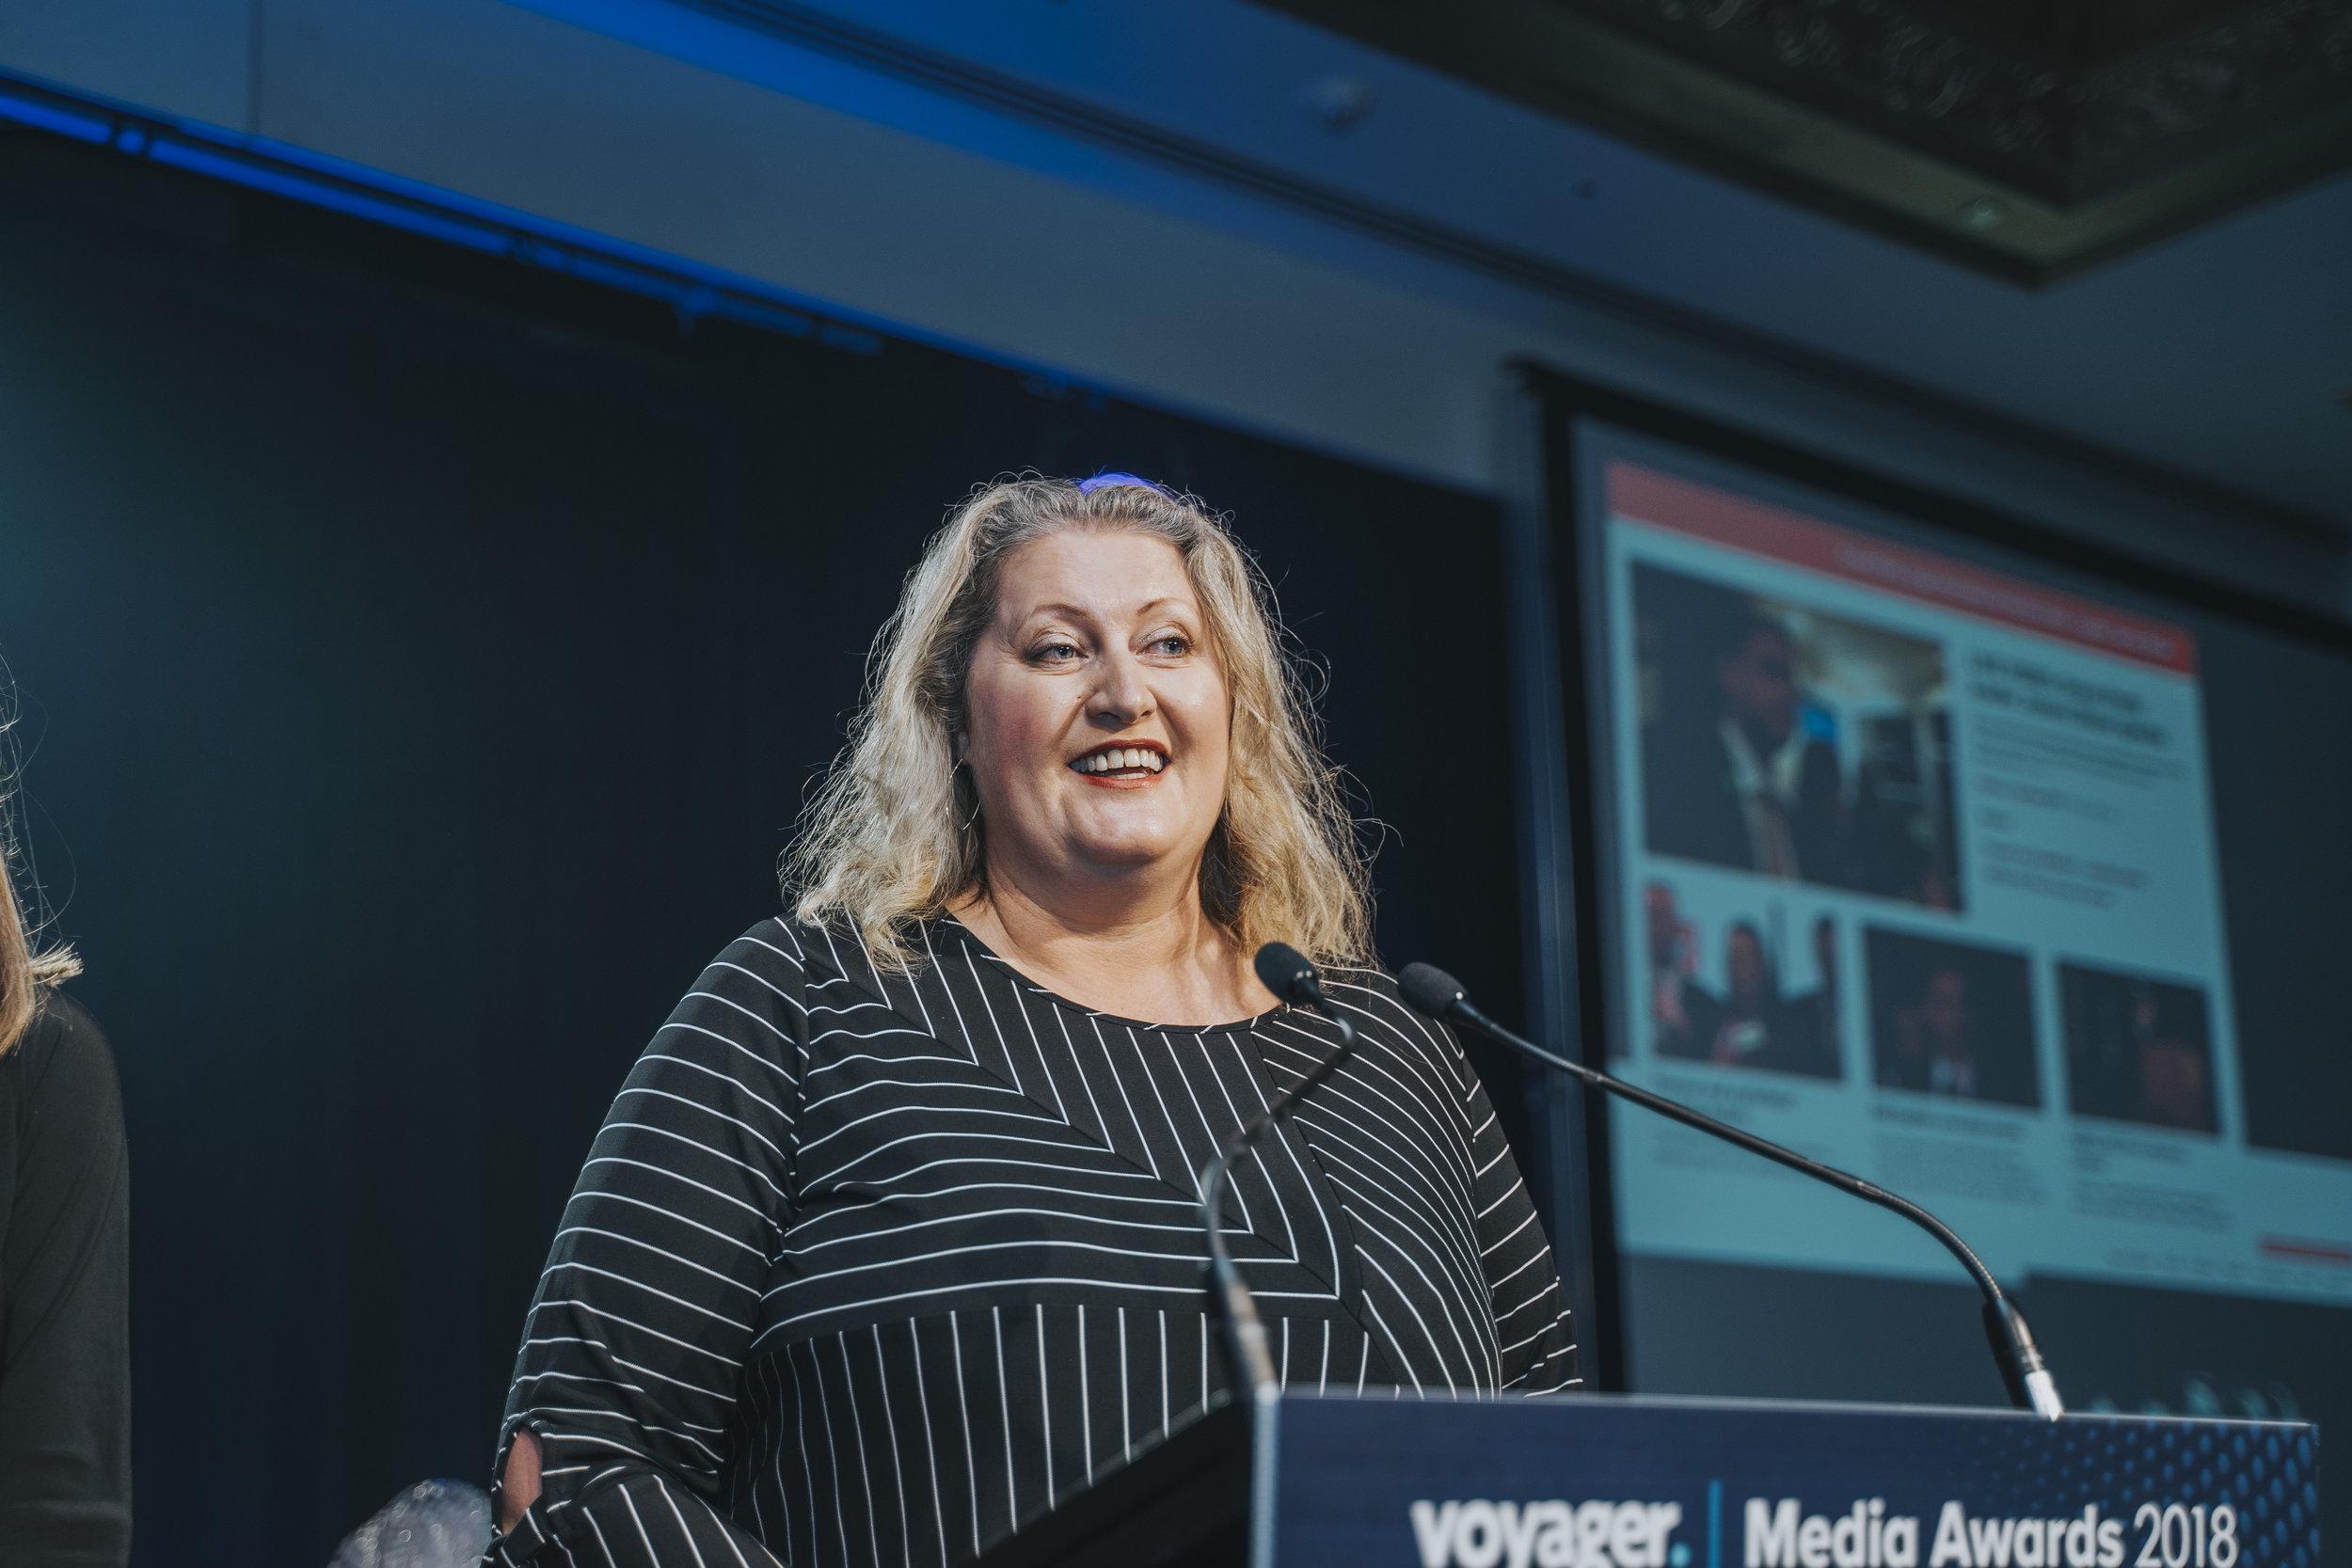 Voyager Media Awards 2018-290.JPG